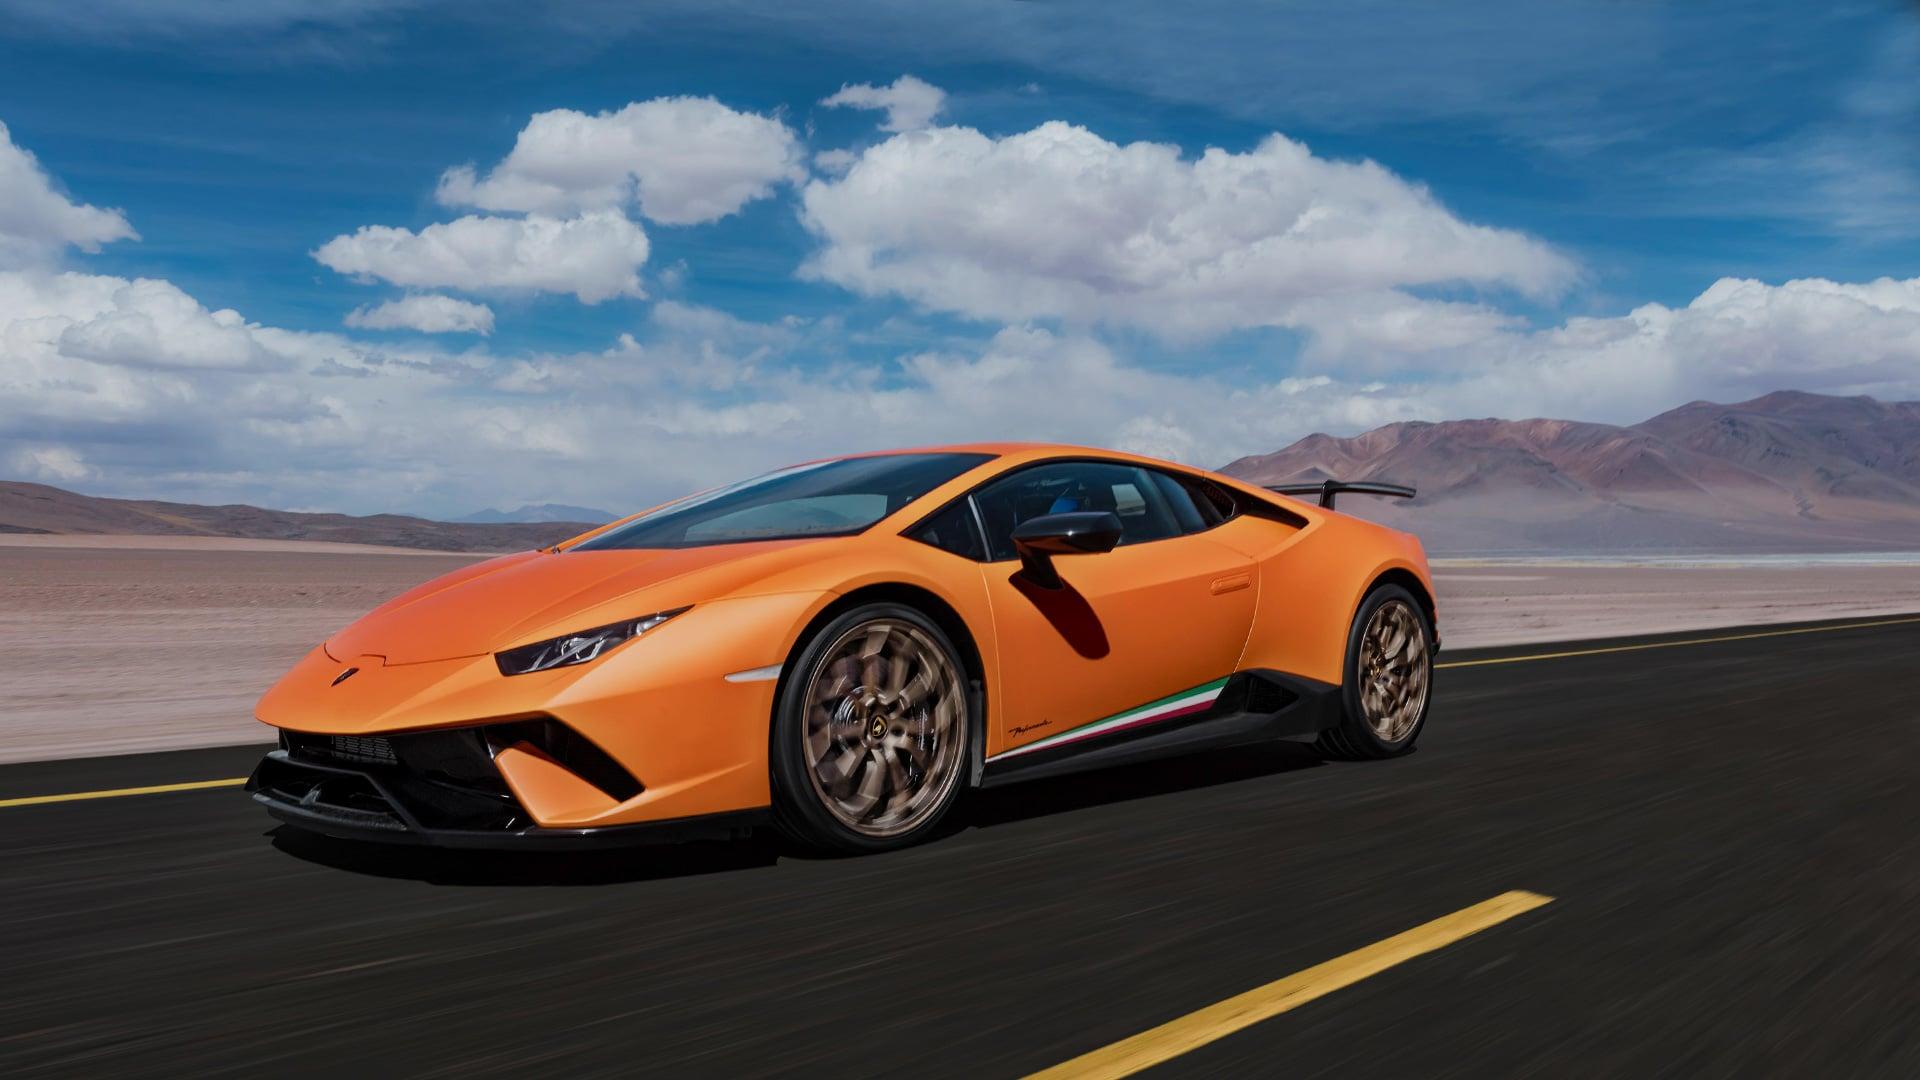 Навидео продемонстрирована эволюция автомашин Lamborghini с1963 года